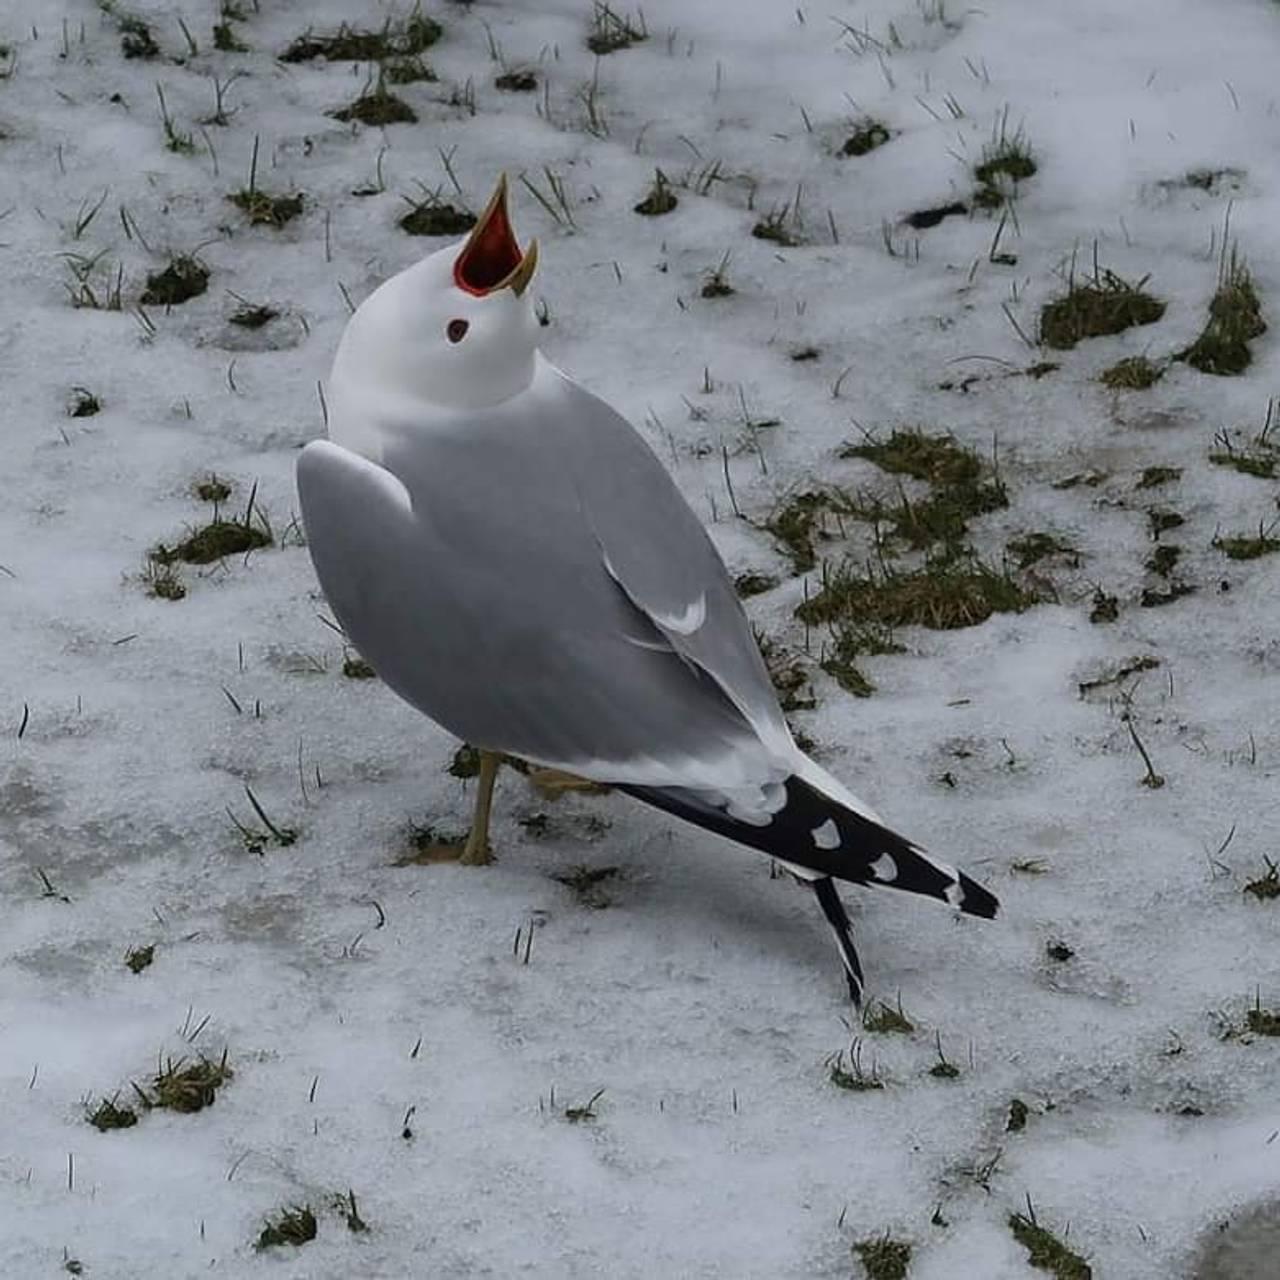 En måse står på den snødekte bakken og skriker mot himmelen.